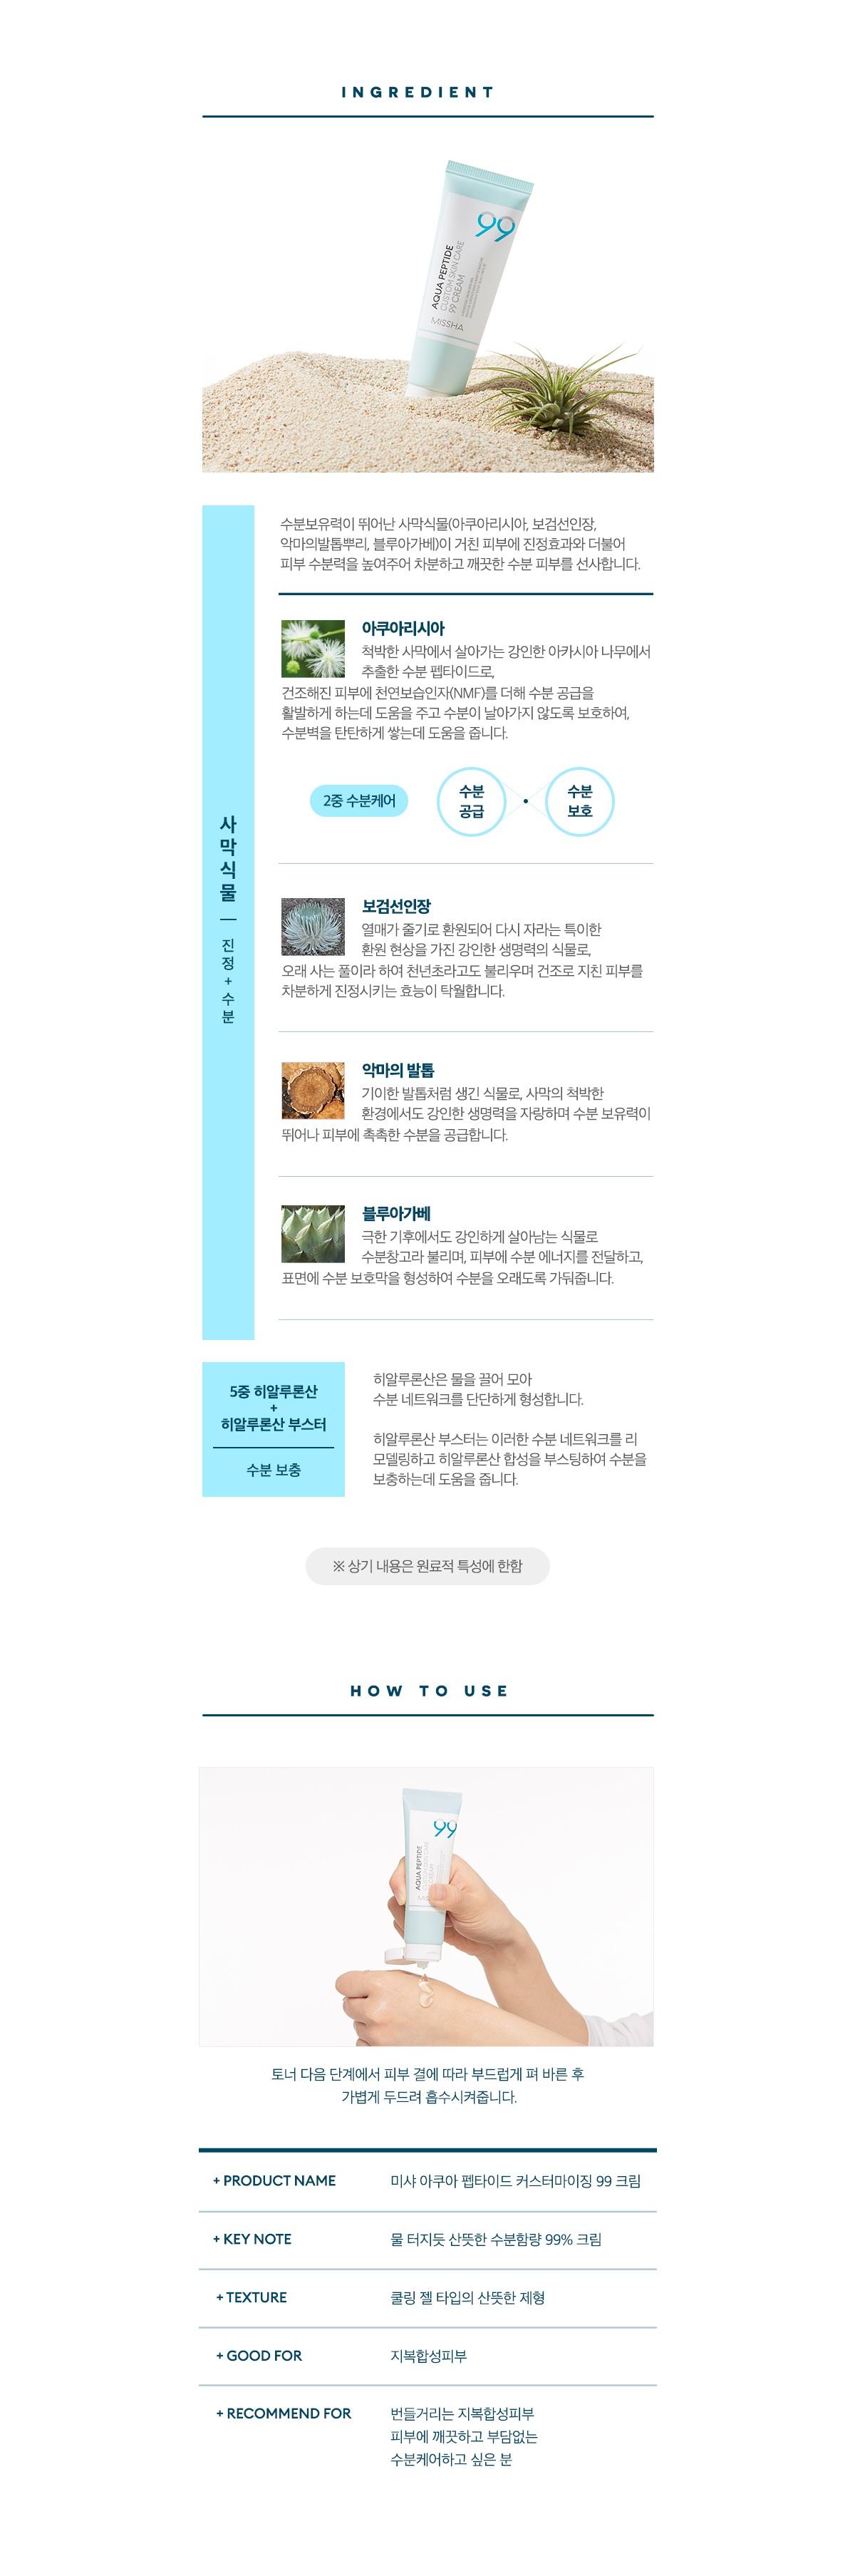 Missha Aqua Peptide Custom Skin Care 99 Cream korean skincare product online shop malaysia china india3